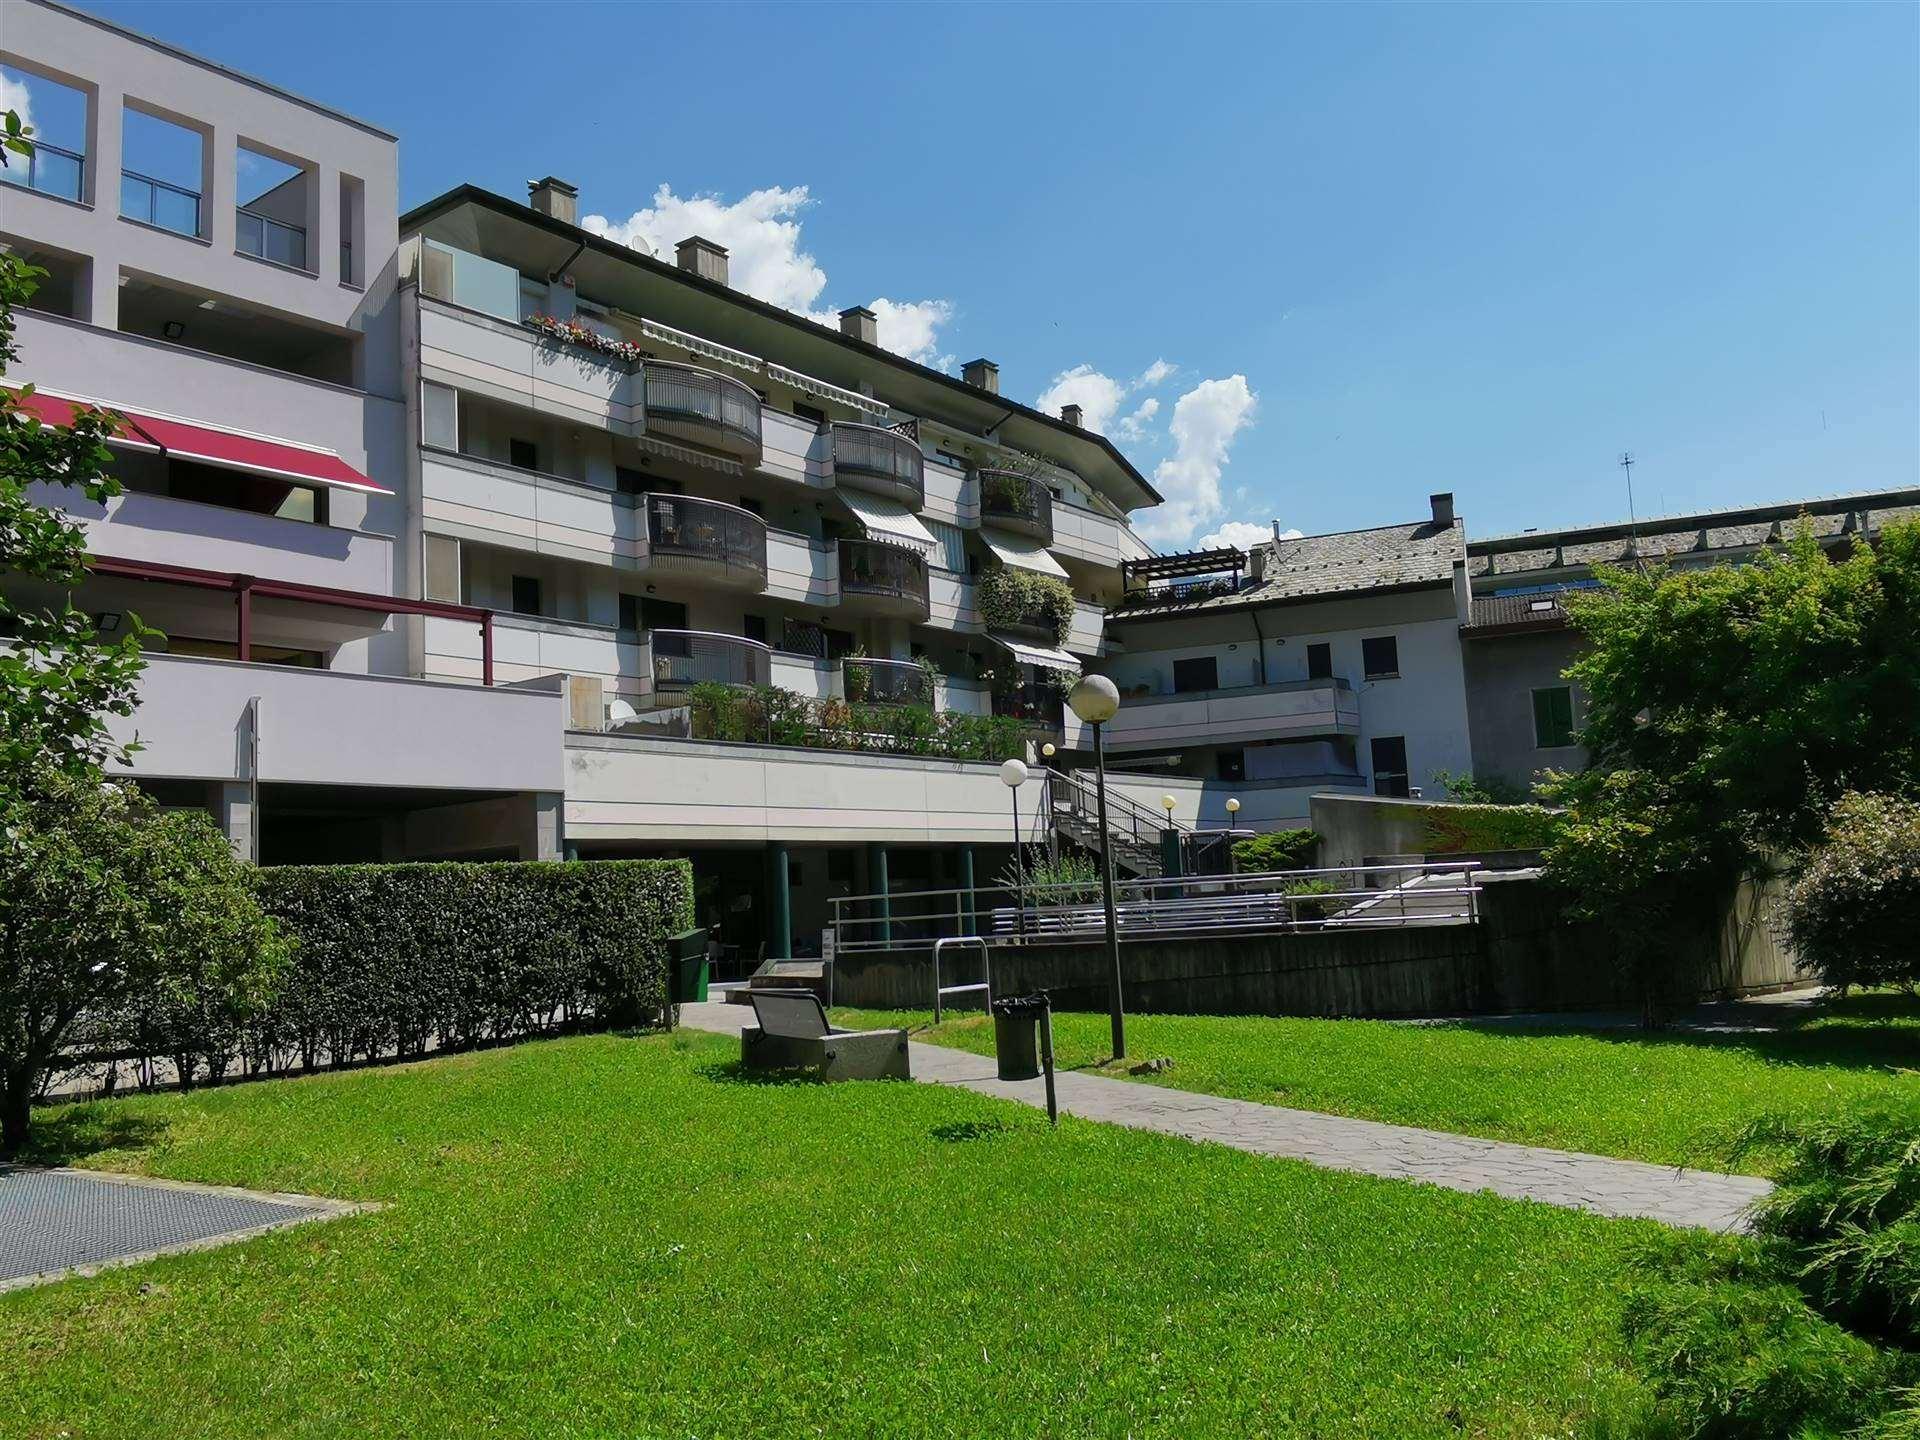 Ufficio / Studio in vendita a Sondrio, 6 locali, zona Località: CENTRALISSIMA, prezzo € 190.000 | PortaleAgenzieImmobiliari.it